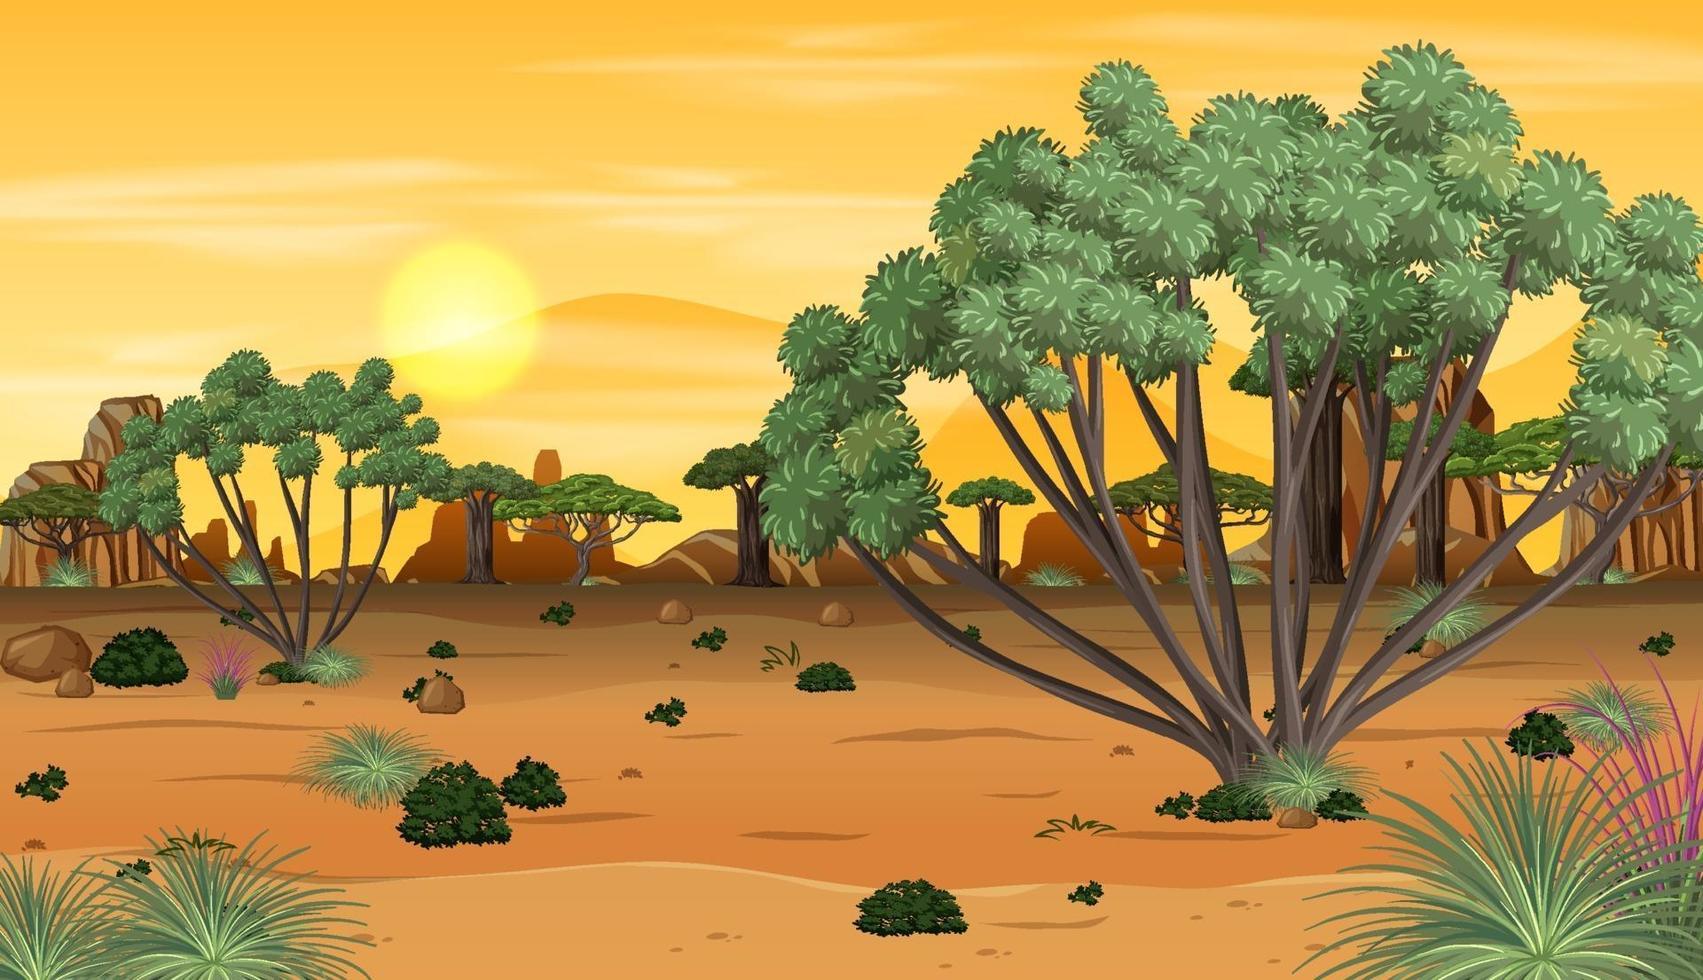 afrikanskt skoglandskap vid solnedgången vektor